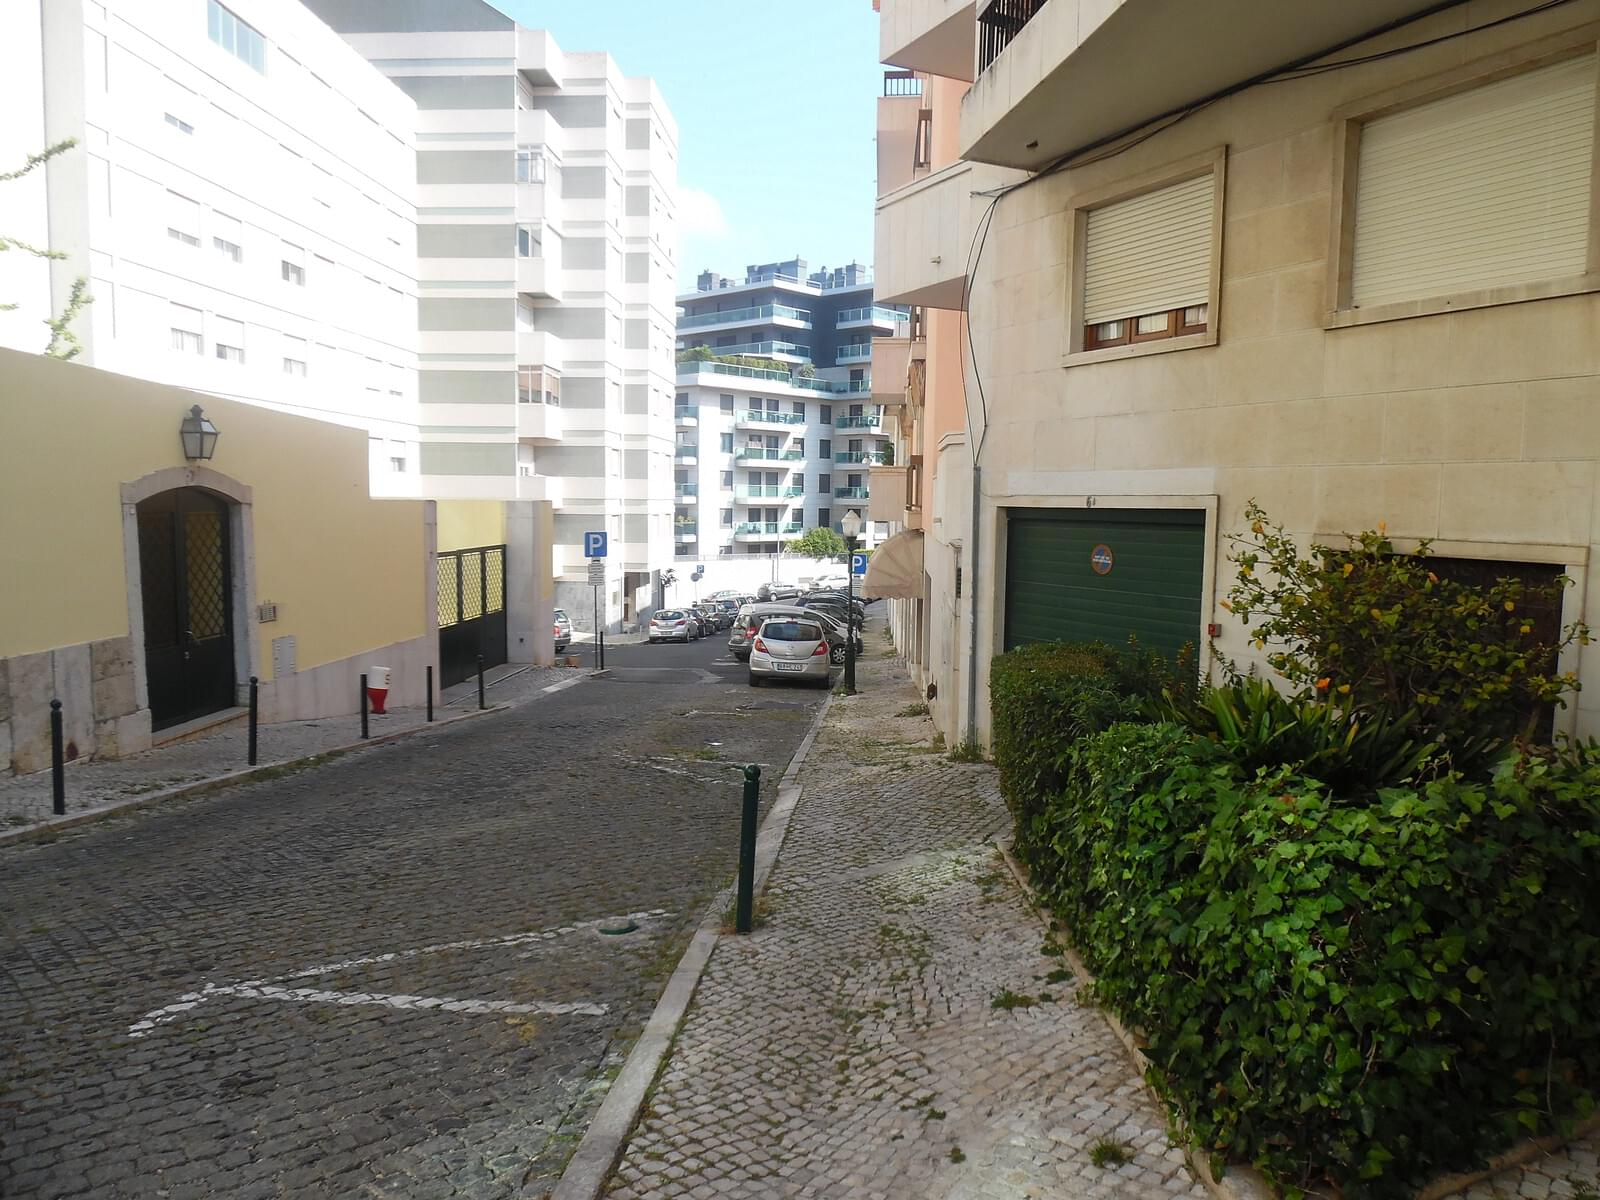 pf17621-apartamento-t4-lisboa-ada62996-7944-43a6-ab88-cced67e84098